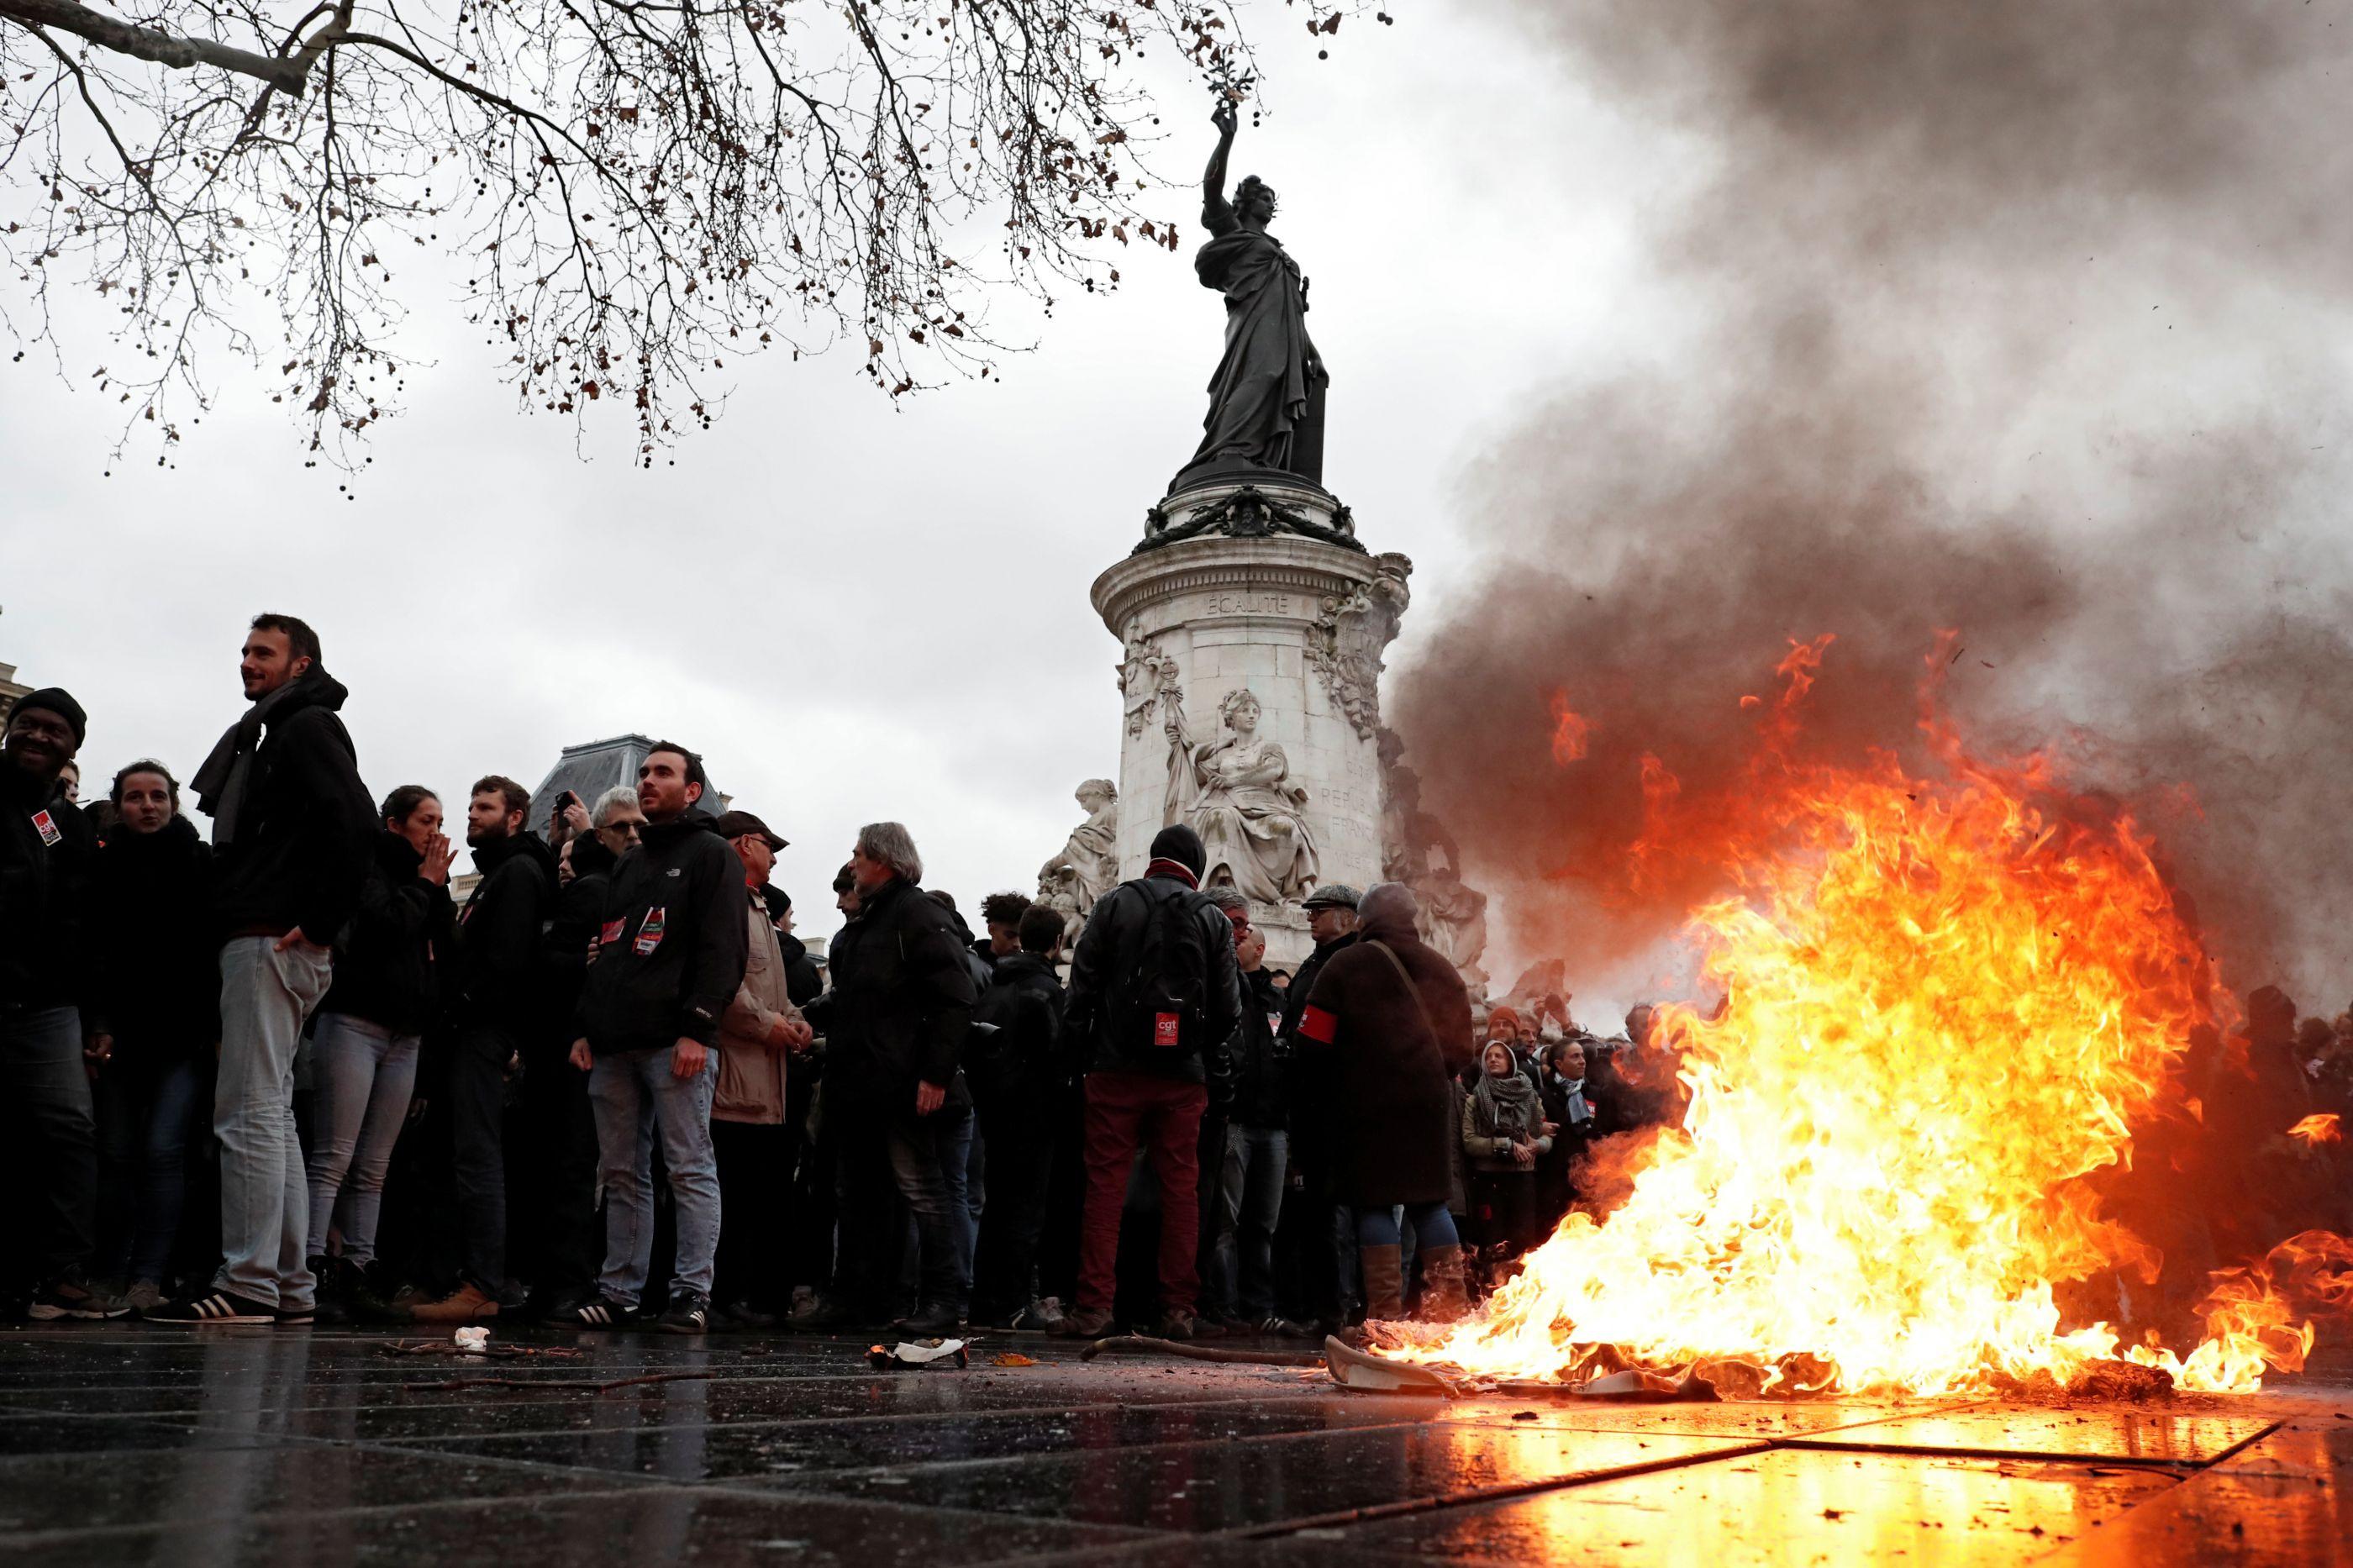 Governo português aconselha: Evite ir a Paris este fim de semana